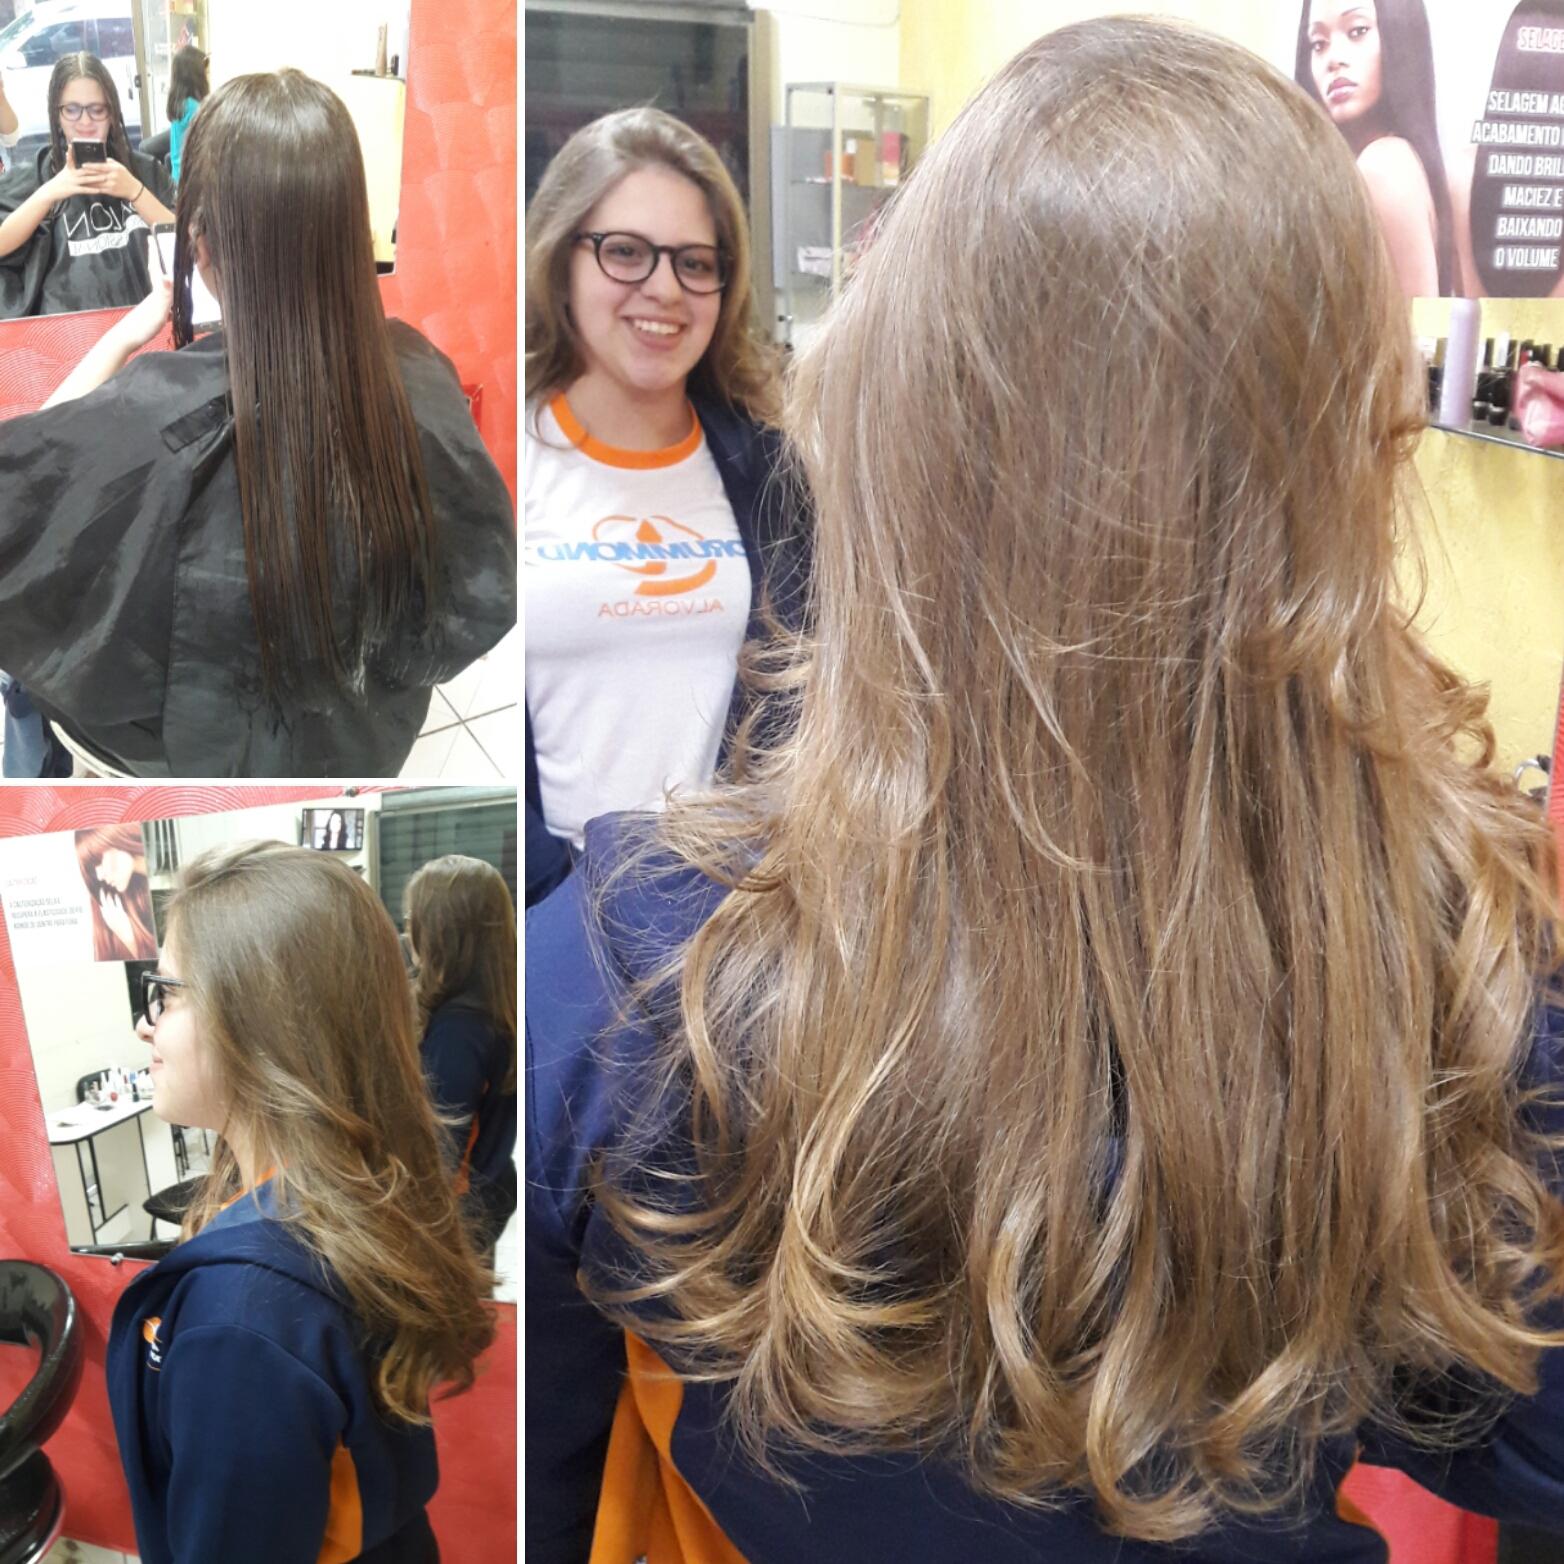 #haircut #hairstylist #hairdresser  Corte 45° e escova.  cabelo cabeleireiro(a)